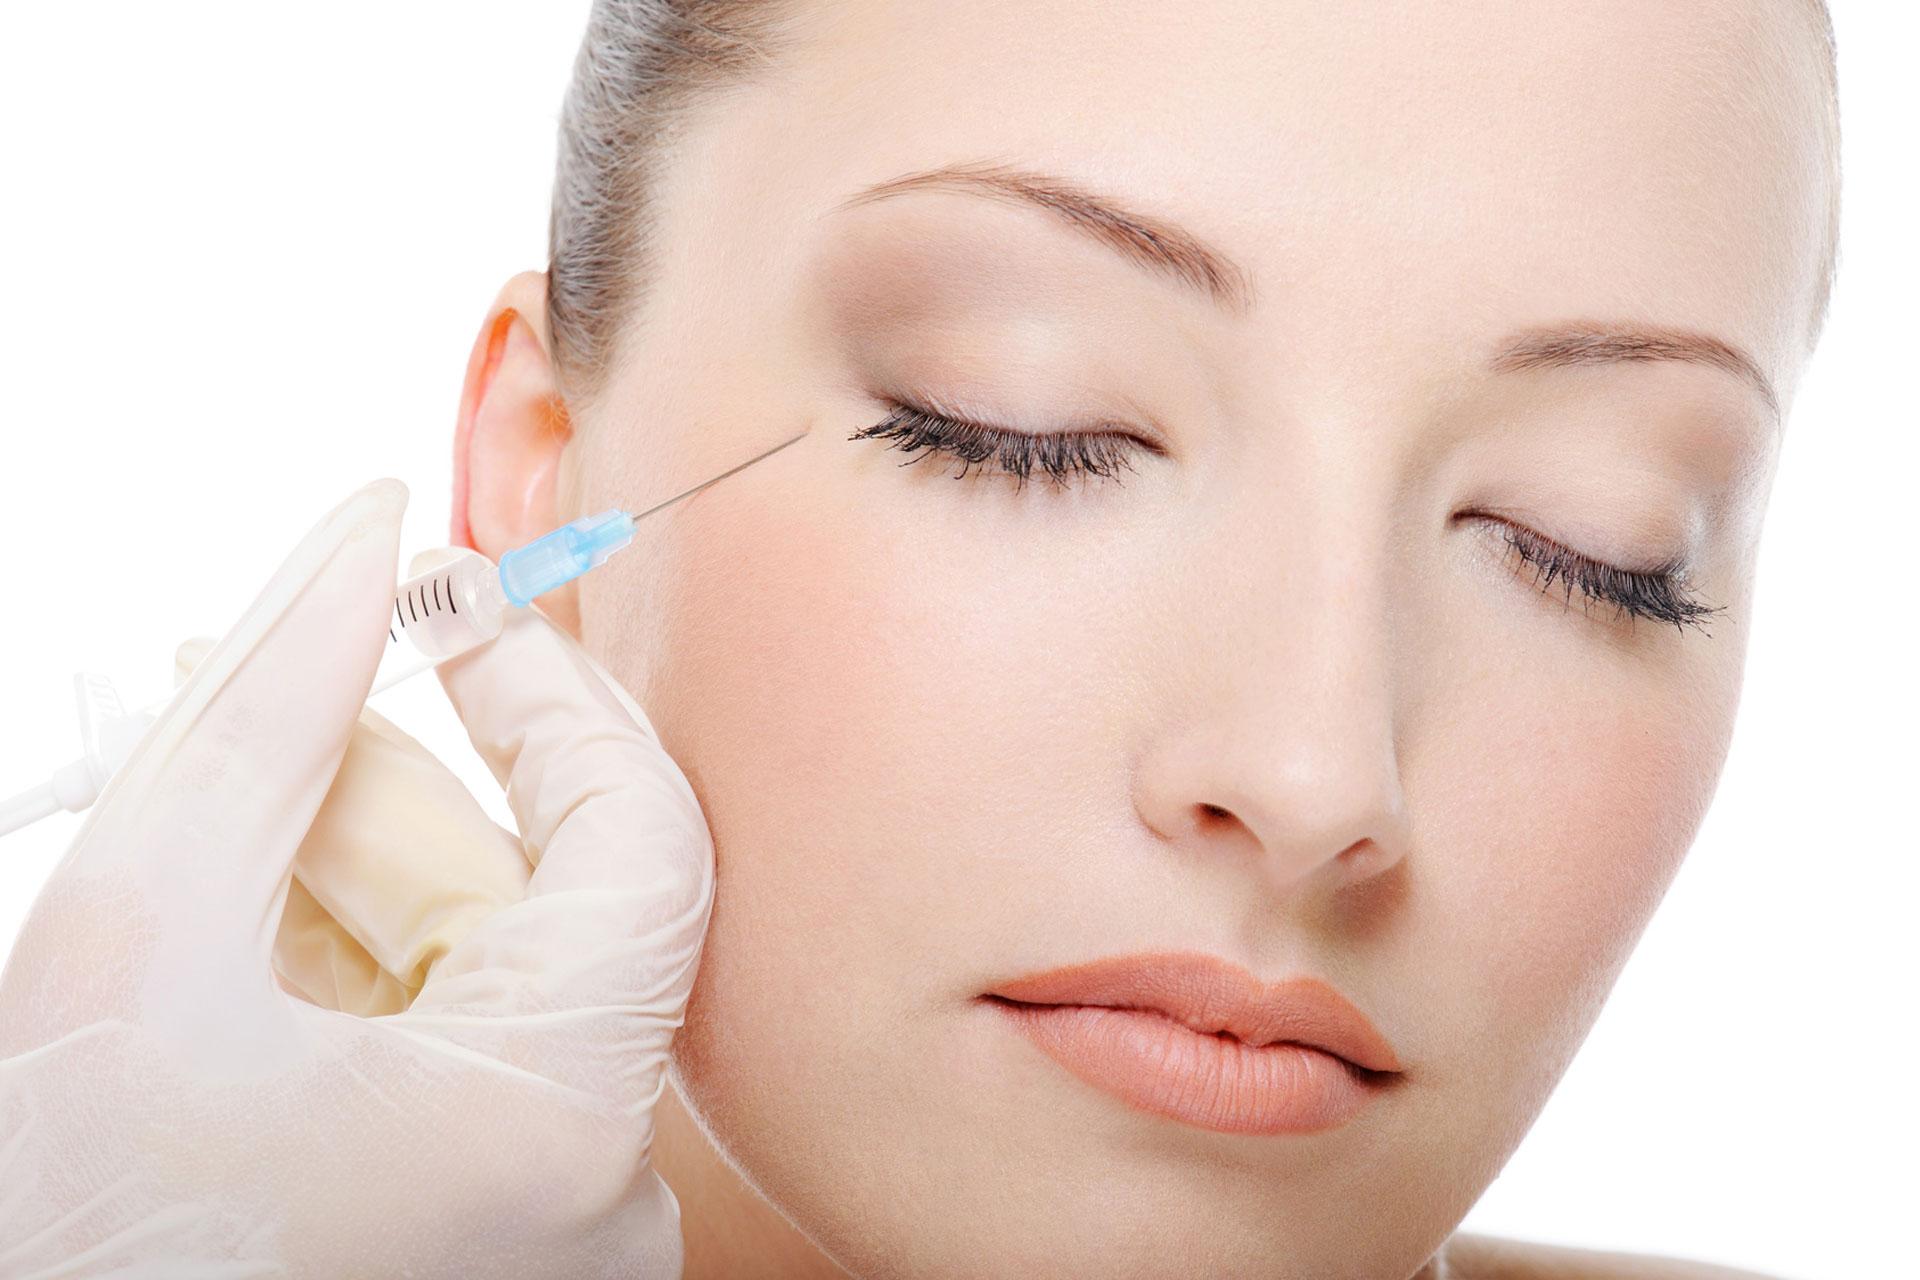 проходят ли морщины Морщины - причины возникновения. Как убрать морщины на лице?